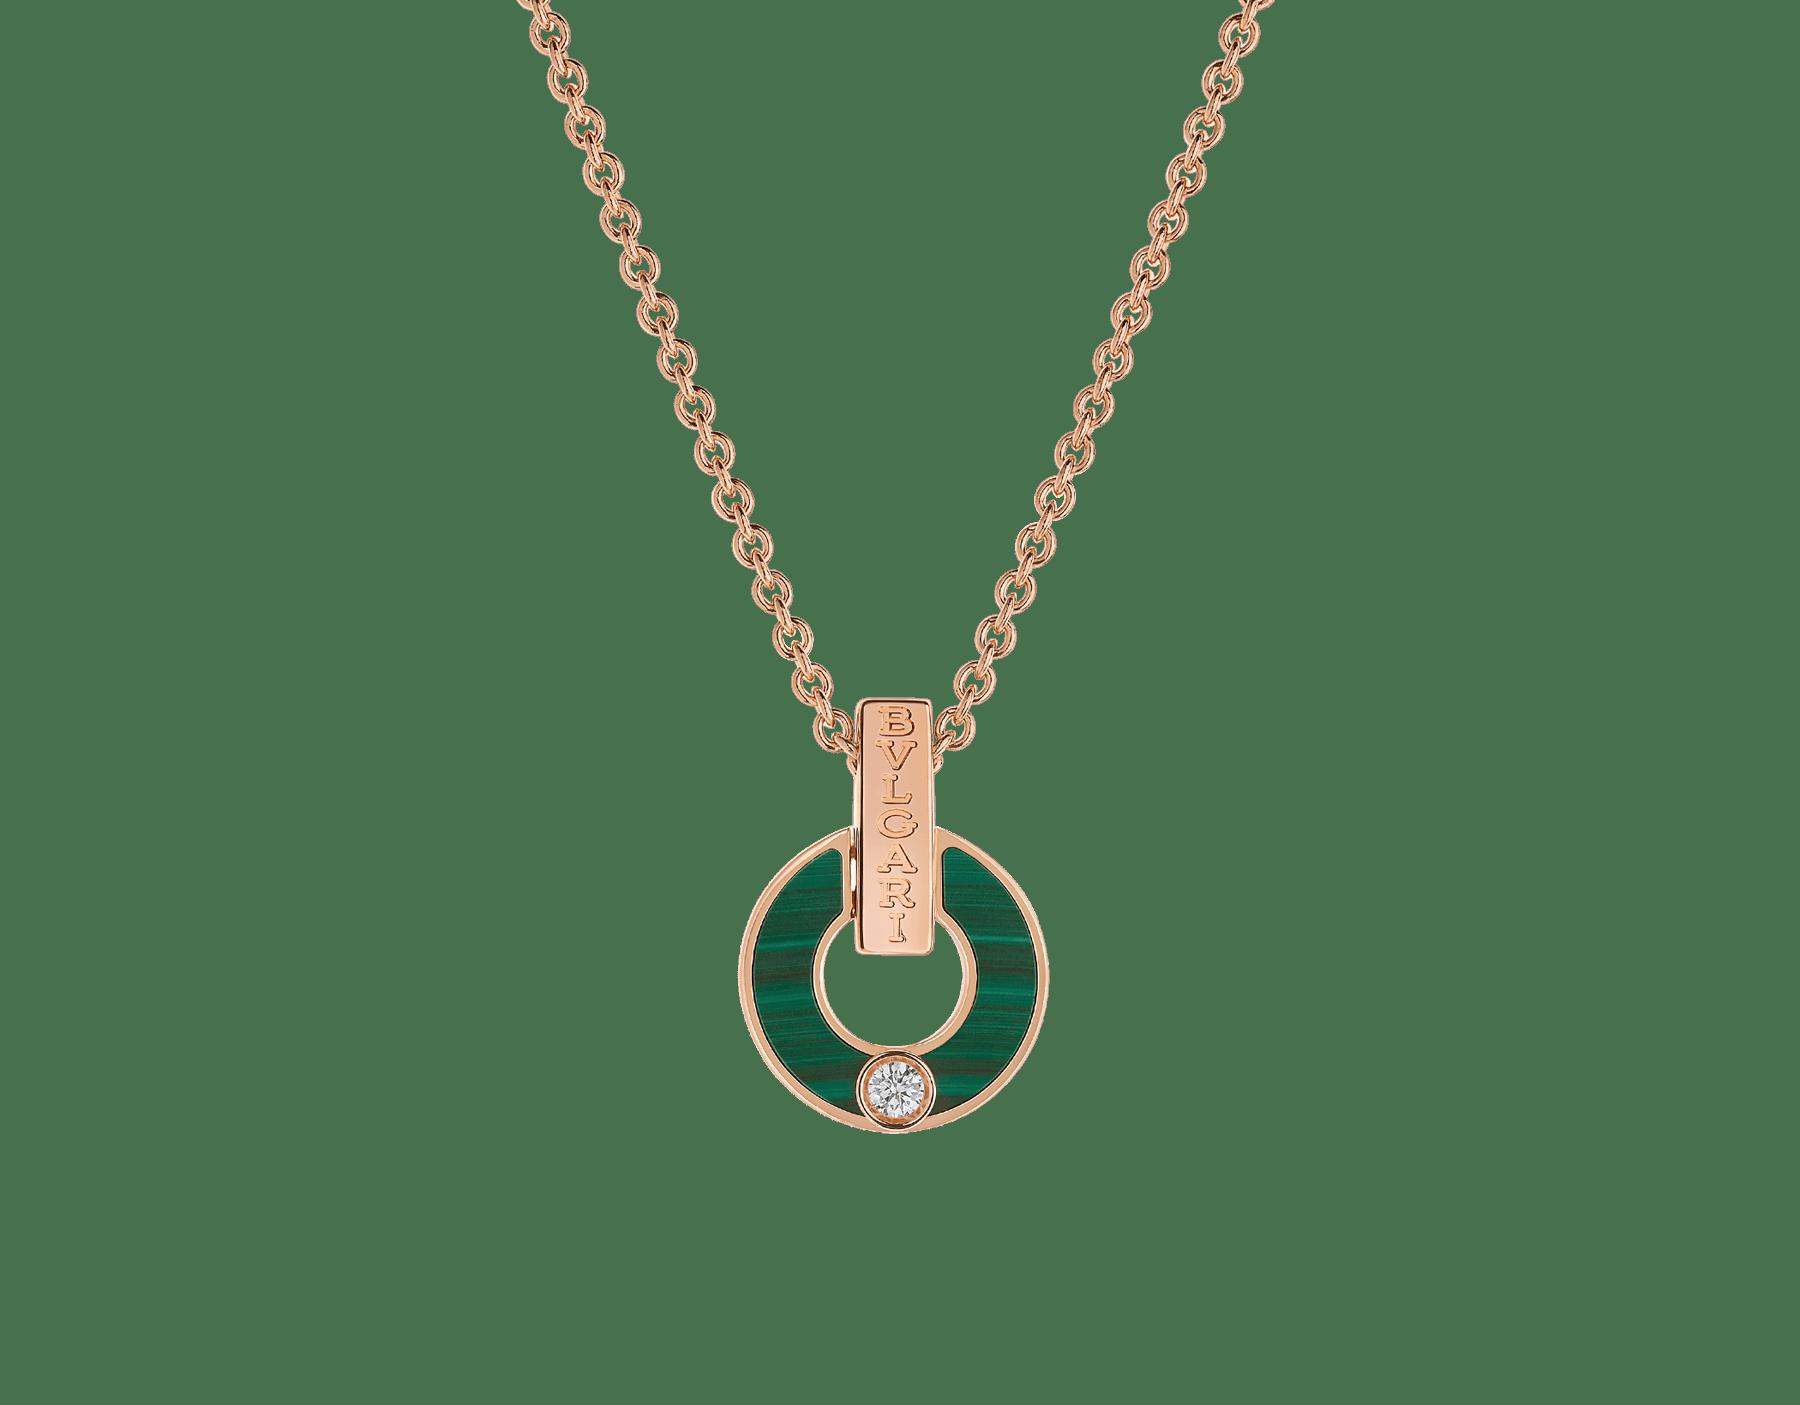 Skelettierte BVLGARI BVLGARI Halskette aus 18 Karat Roségold mit Malachit-Elementen und einem runden Diamanten im Brillantschliff 357313 image 1